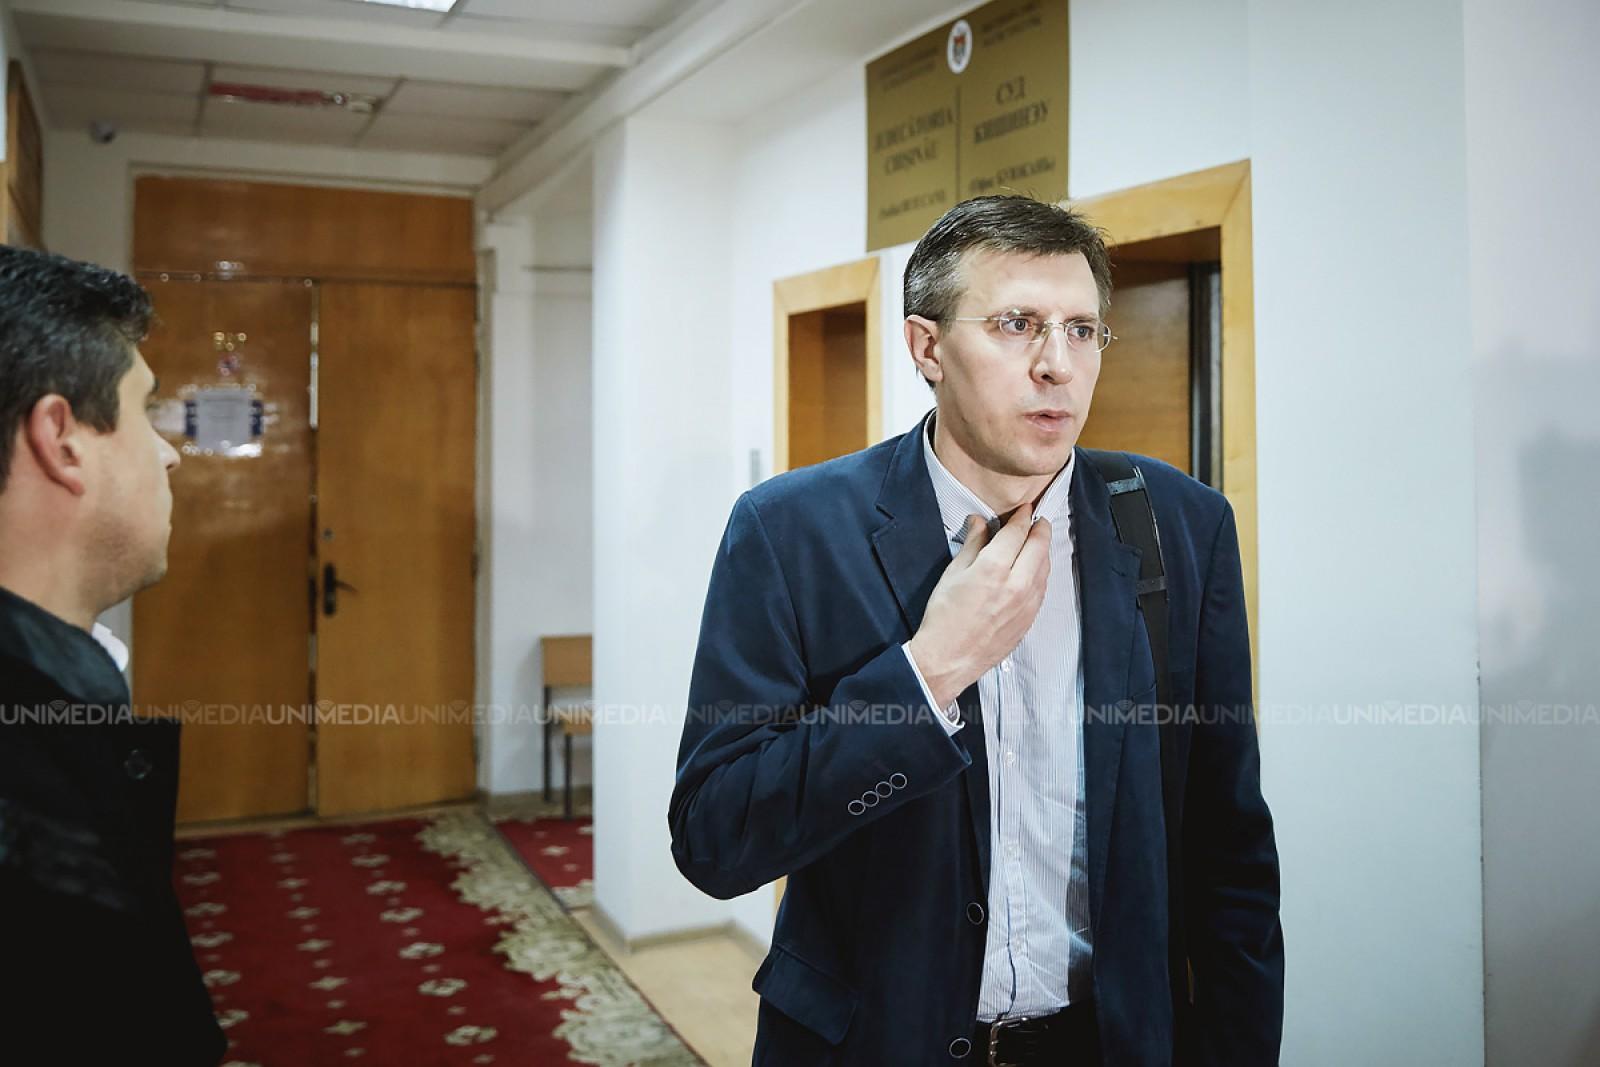 (video) Examinarea dosarului lui Dorin Chirtoacă, din nou amânată. Primarul suspendat: Procurorii și statul tărăgănează procesul